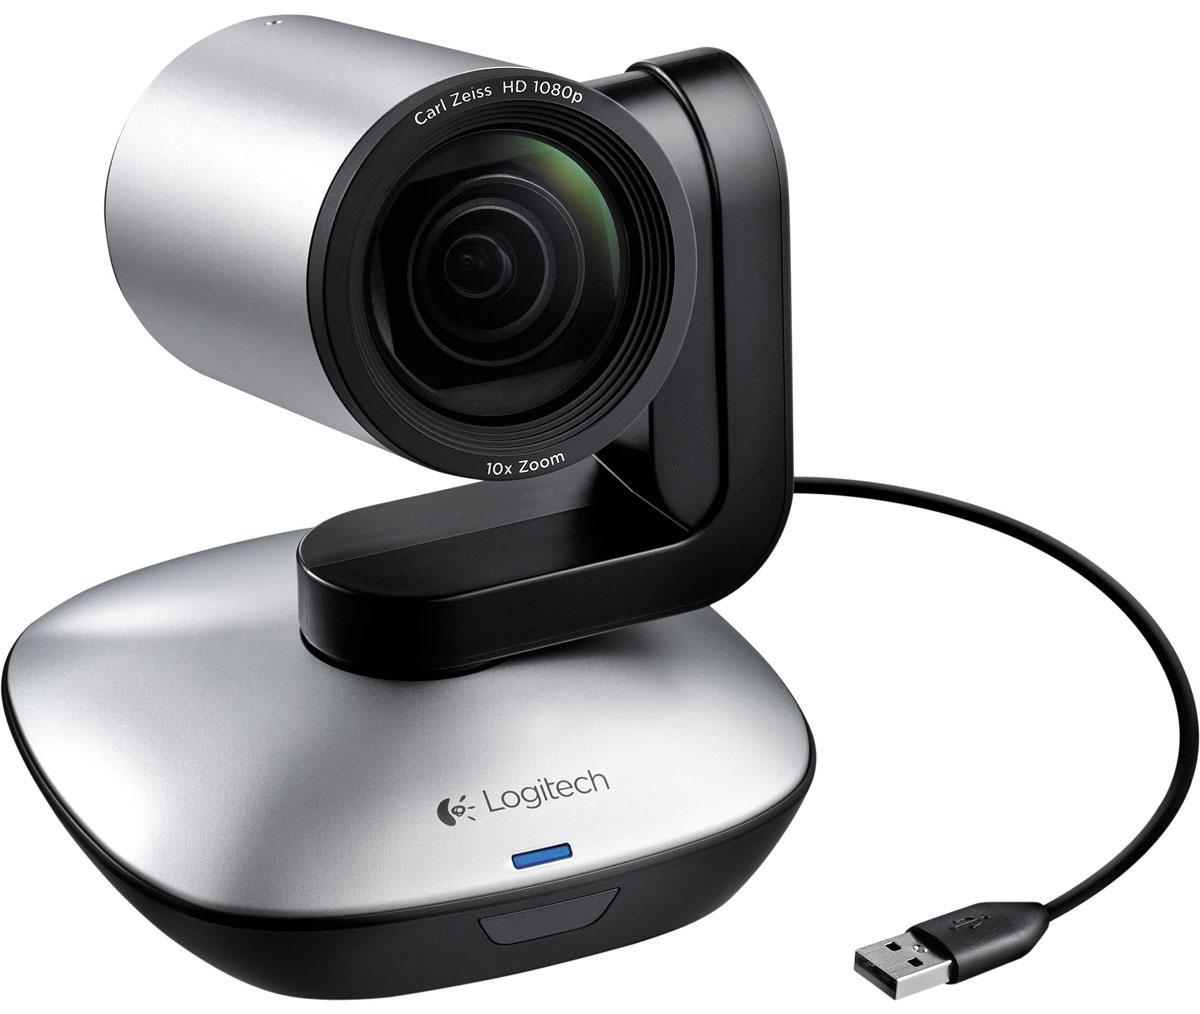 Logitech PTZ Pro веб-камера960-001022Logitech PTZ Pro - веб-камера с поддержкой изображения в формате HD 1080p и возможностью USB-подключения обеспечит высокое качество видео во время проведения конференций или совещаний. Данная модель подойдет для мероприятий любого масштаба. Устройство можно использовать практически в любых условиях — конференц-залах и классных комнатах или комнатах для совещаний и обучения. Камера PTZ Pro идеально впишется в любой офис и удовлетворит потребности в оборудовании для видеосвязи профессионального уровня. Настраивайте устройство в мгновение ока. Выполните простое подключение к ПК, компьютеру Mac или устройству с поддержкой USB — для этого не требуются специальные навыки, программное обеспечение или техническое обслуживание. Камера снабжена оптической системой с сертификацией ZEISS и поддерживает формат видео Full HD 1080p с частотой 30 кадров в секунду. Устройство обеспечивает высокую резкость и четкость изображения, превосходную передачу...